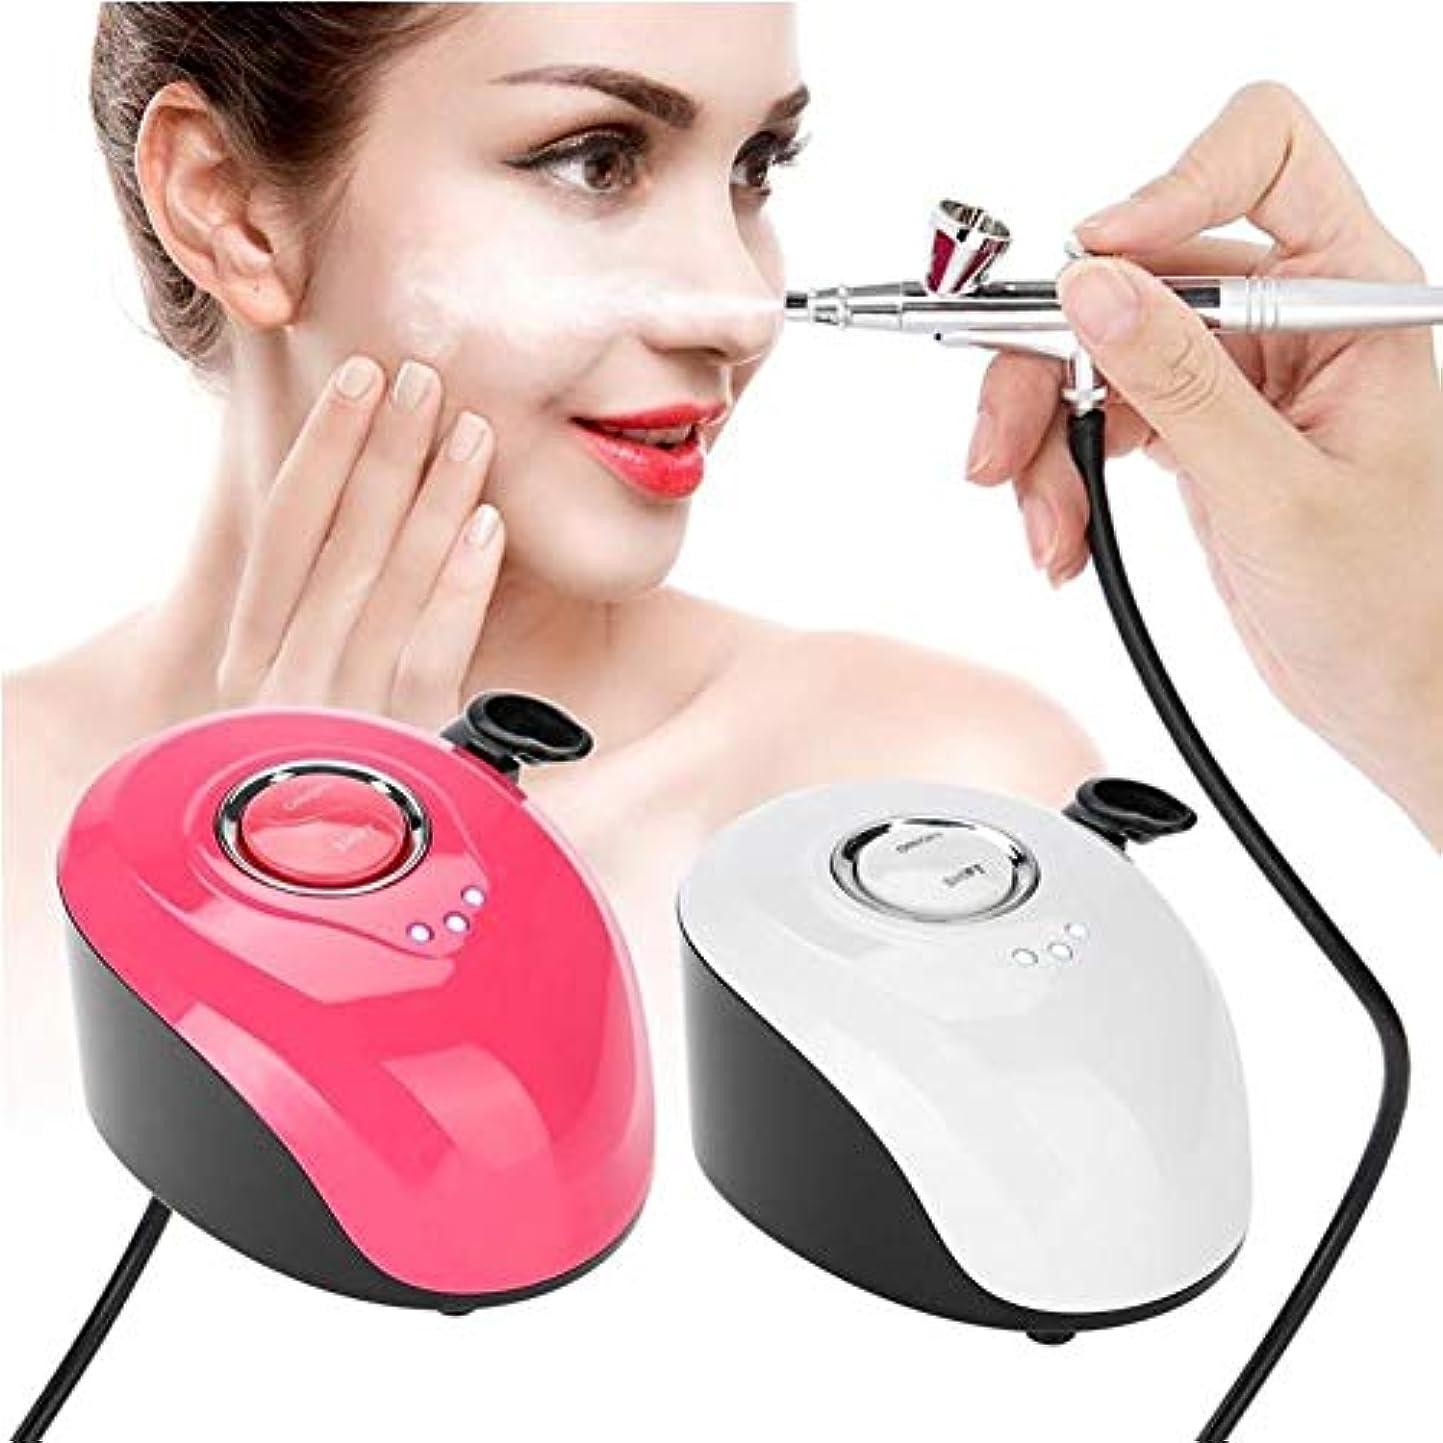 たっぷり純粋に石鹸酸素水注射器インジェクター皮膚美容デバイス保湿ホワイトニングアンチエイジング肌の若返りとディープクレンジング高圧水酸素注入修復肌white